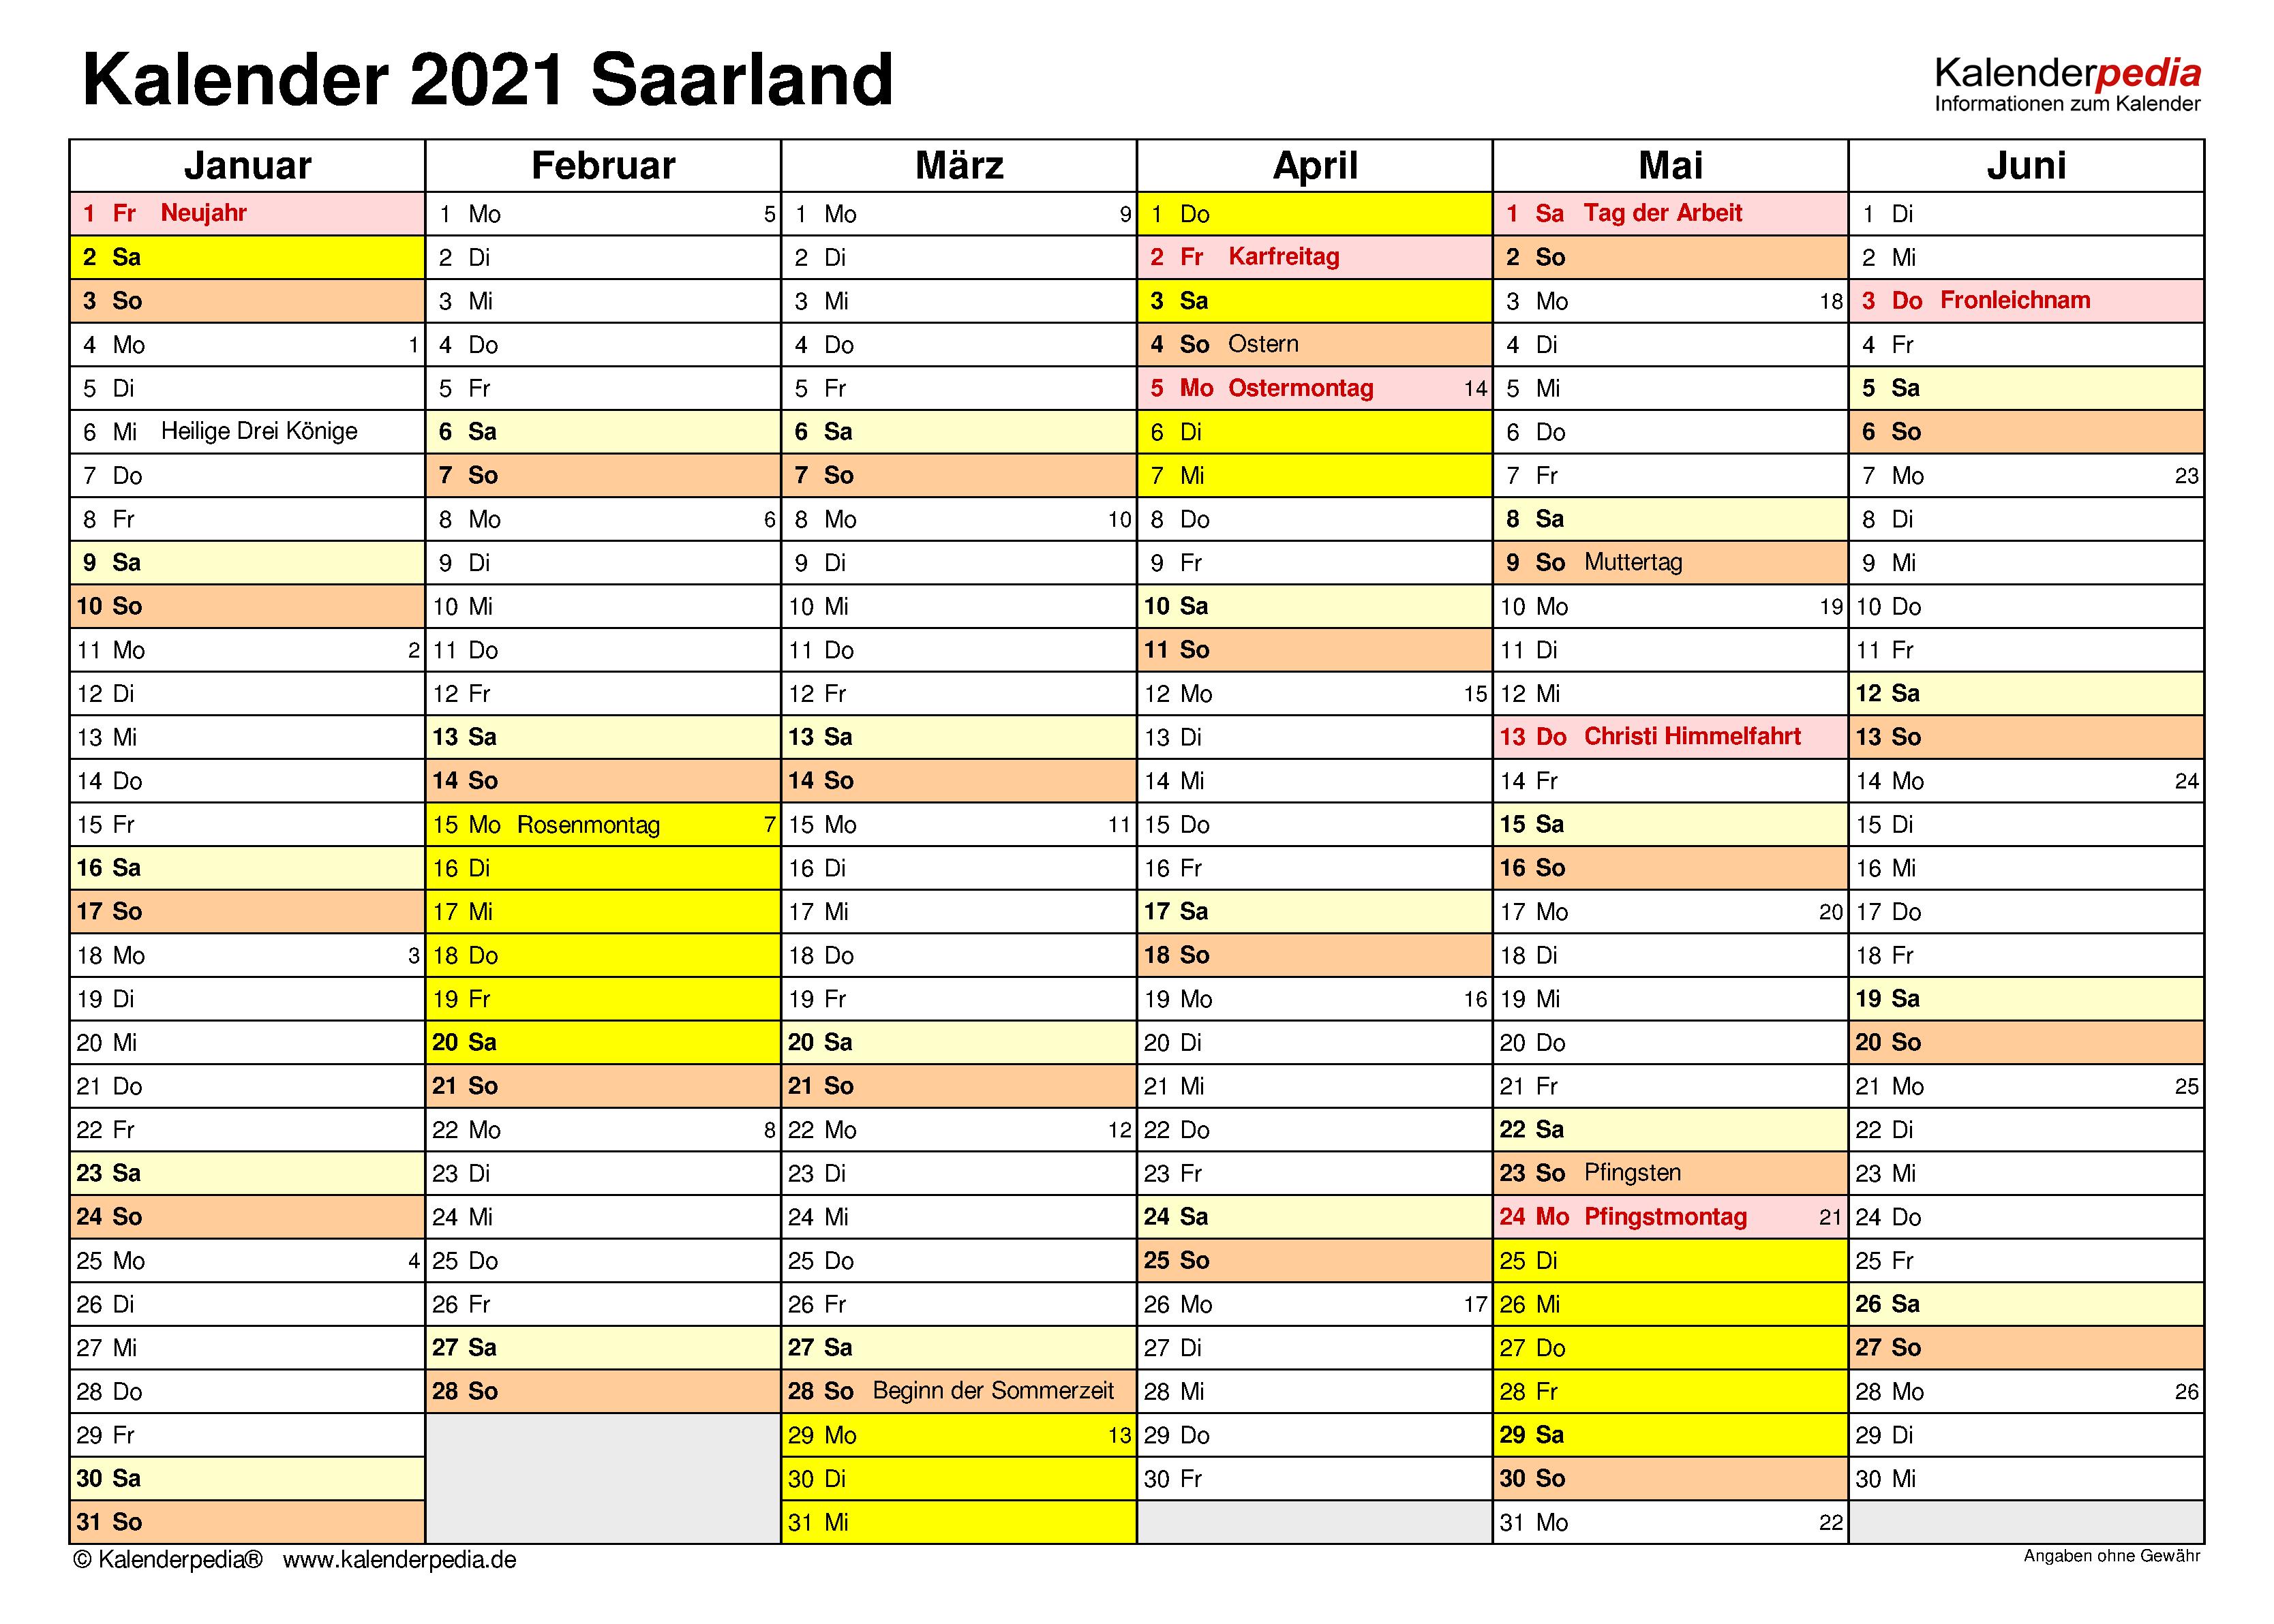 Kalender 2021 Saarland: Ferien, Feiertage, PDF-Vorlagen